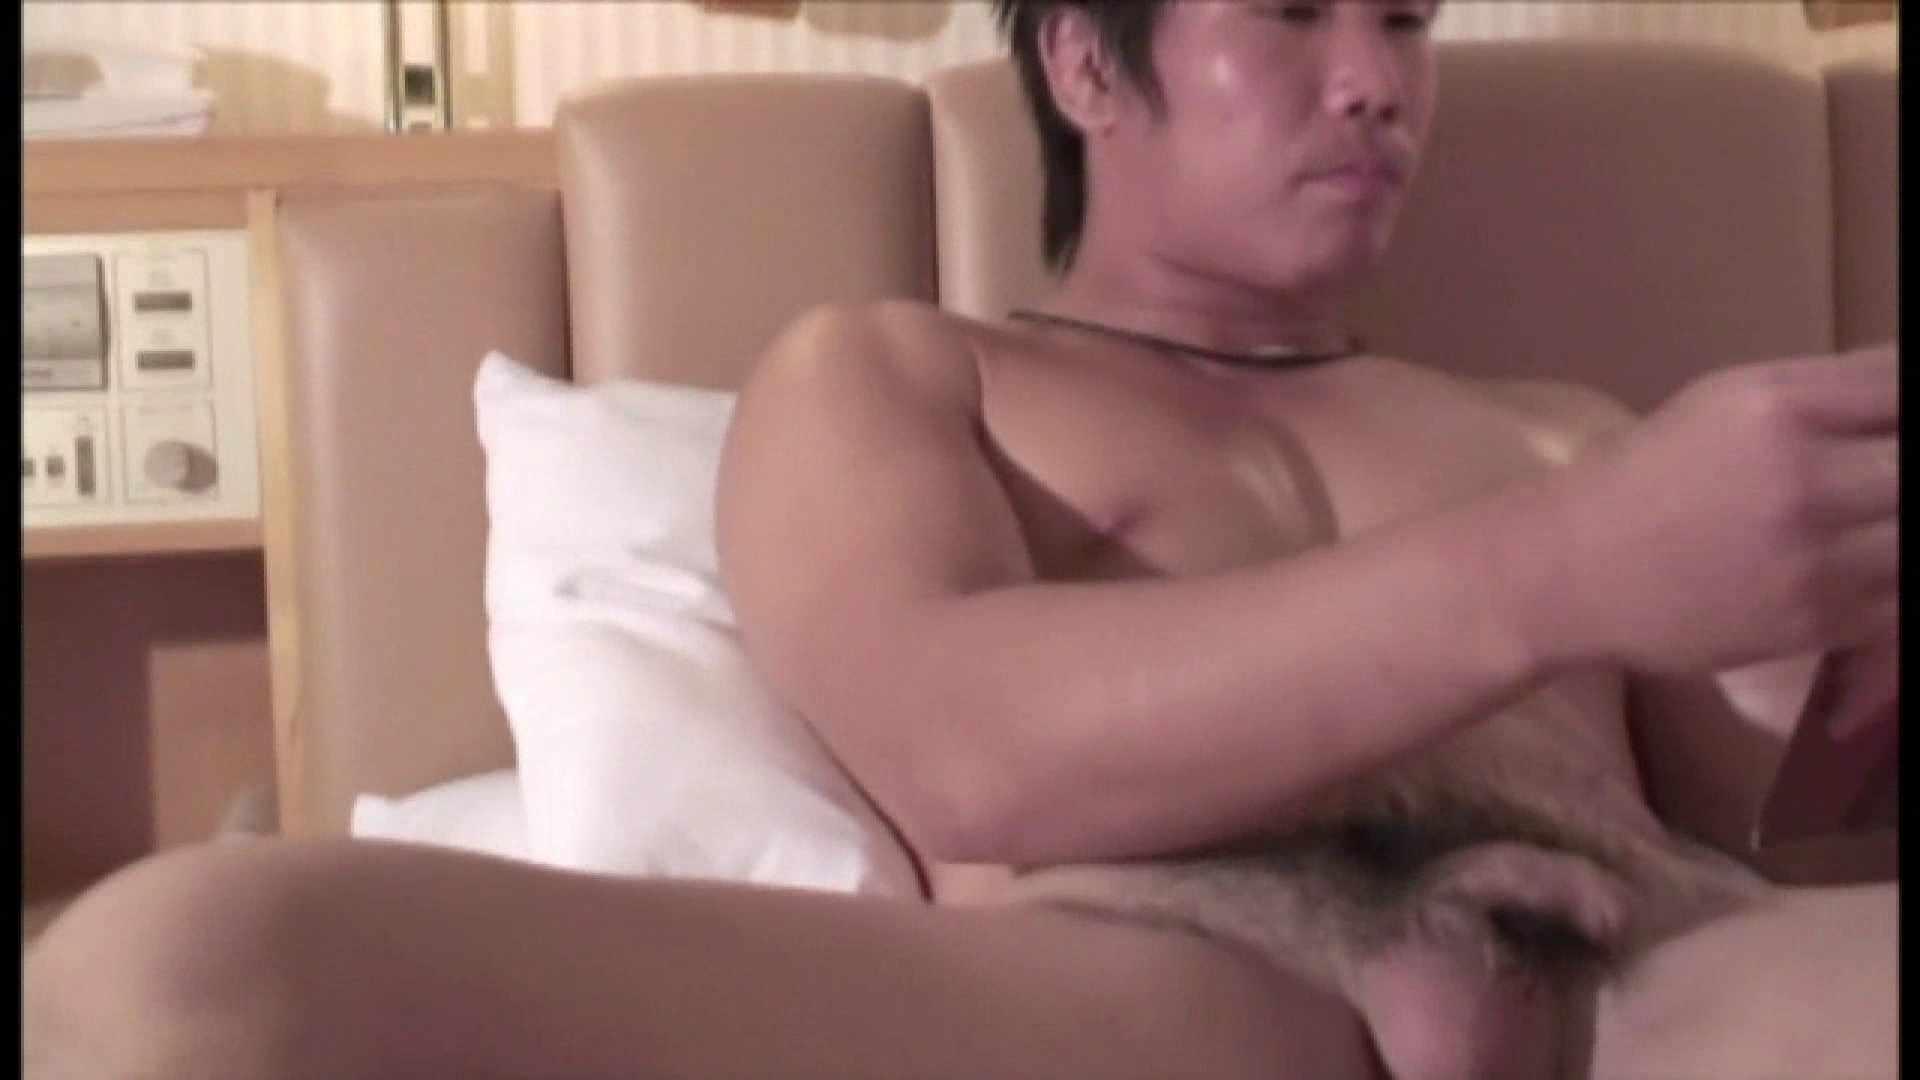 ノンケイケメンの欲望と肉棒 Vol.25 エロ  90pic 56